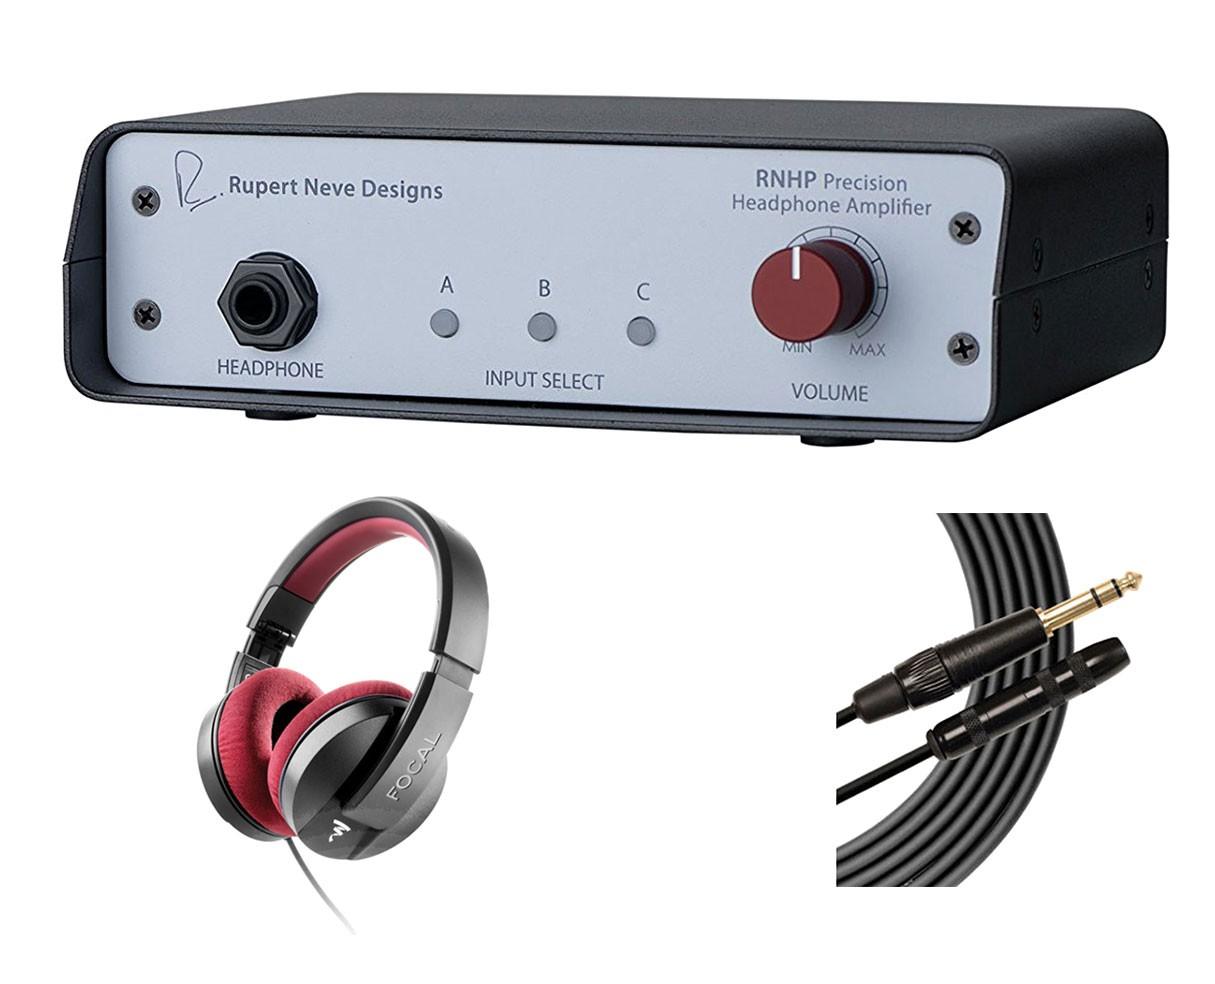 Rupert Neve Designs RNHP + Focal Listen Pro + Mogami Extension